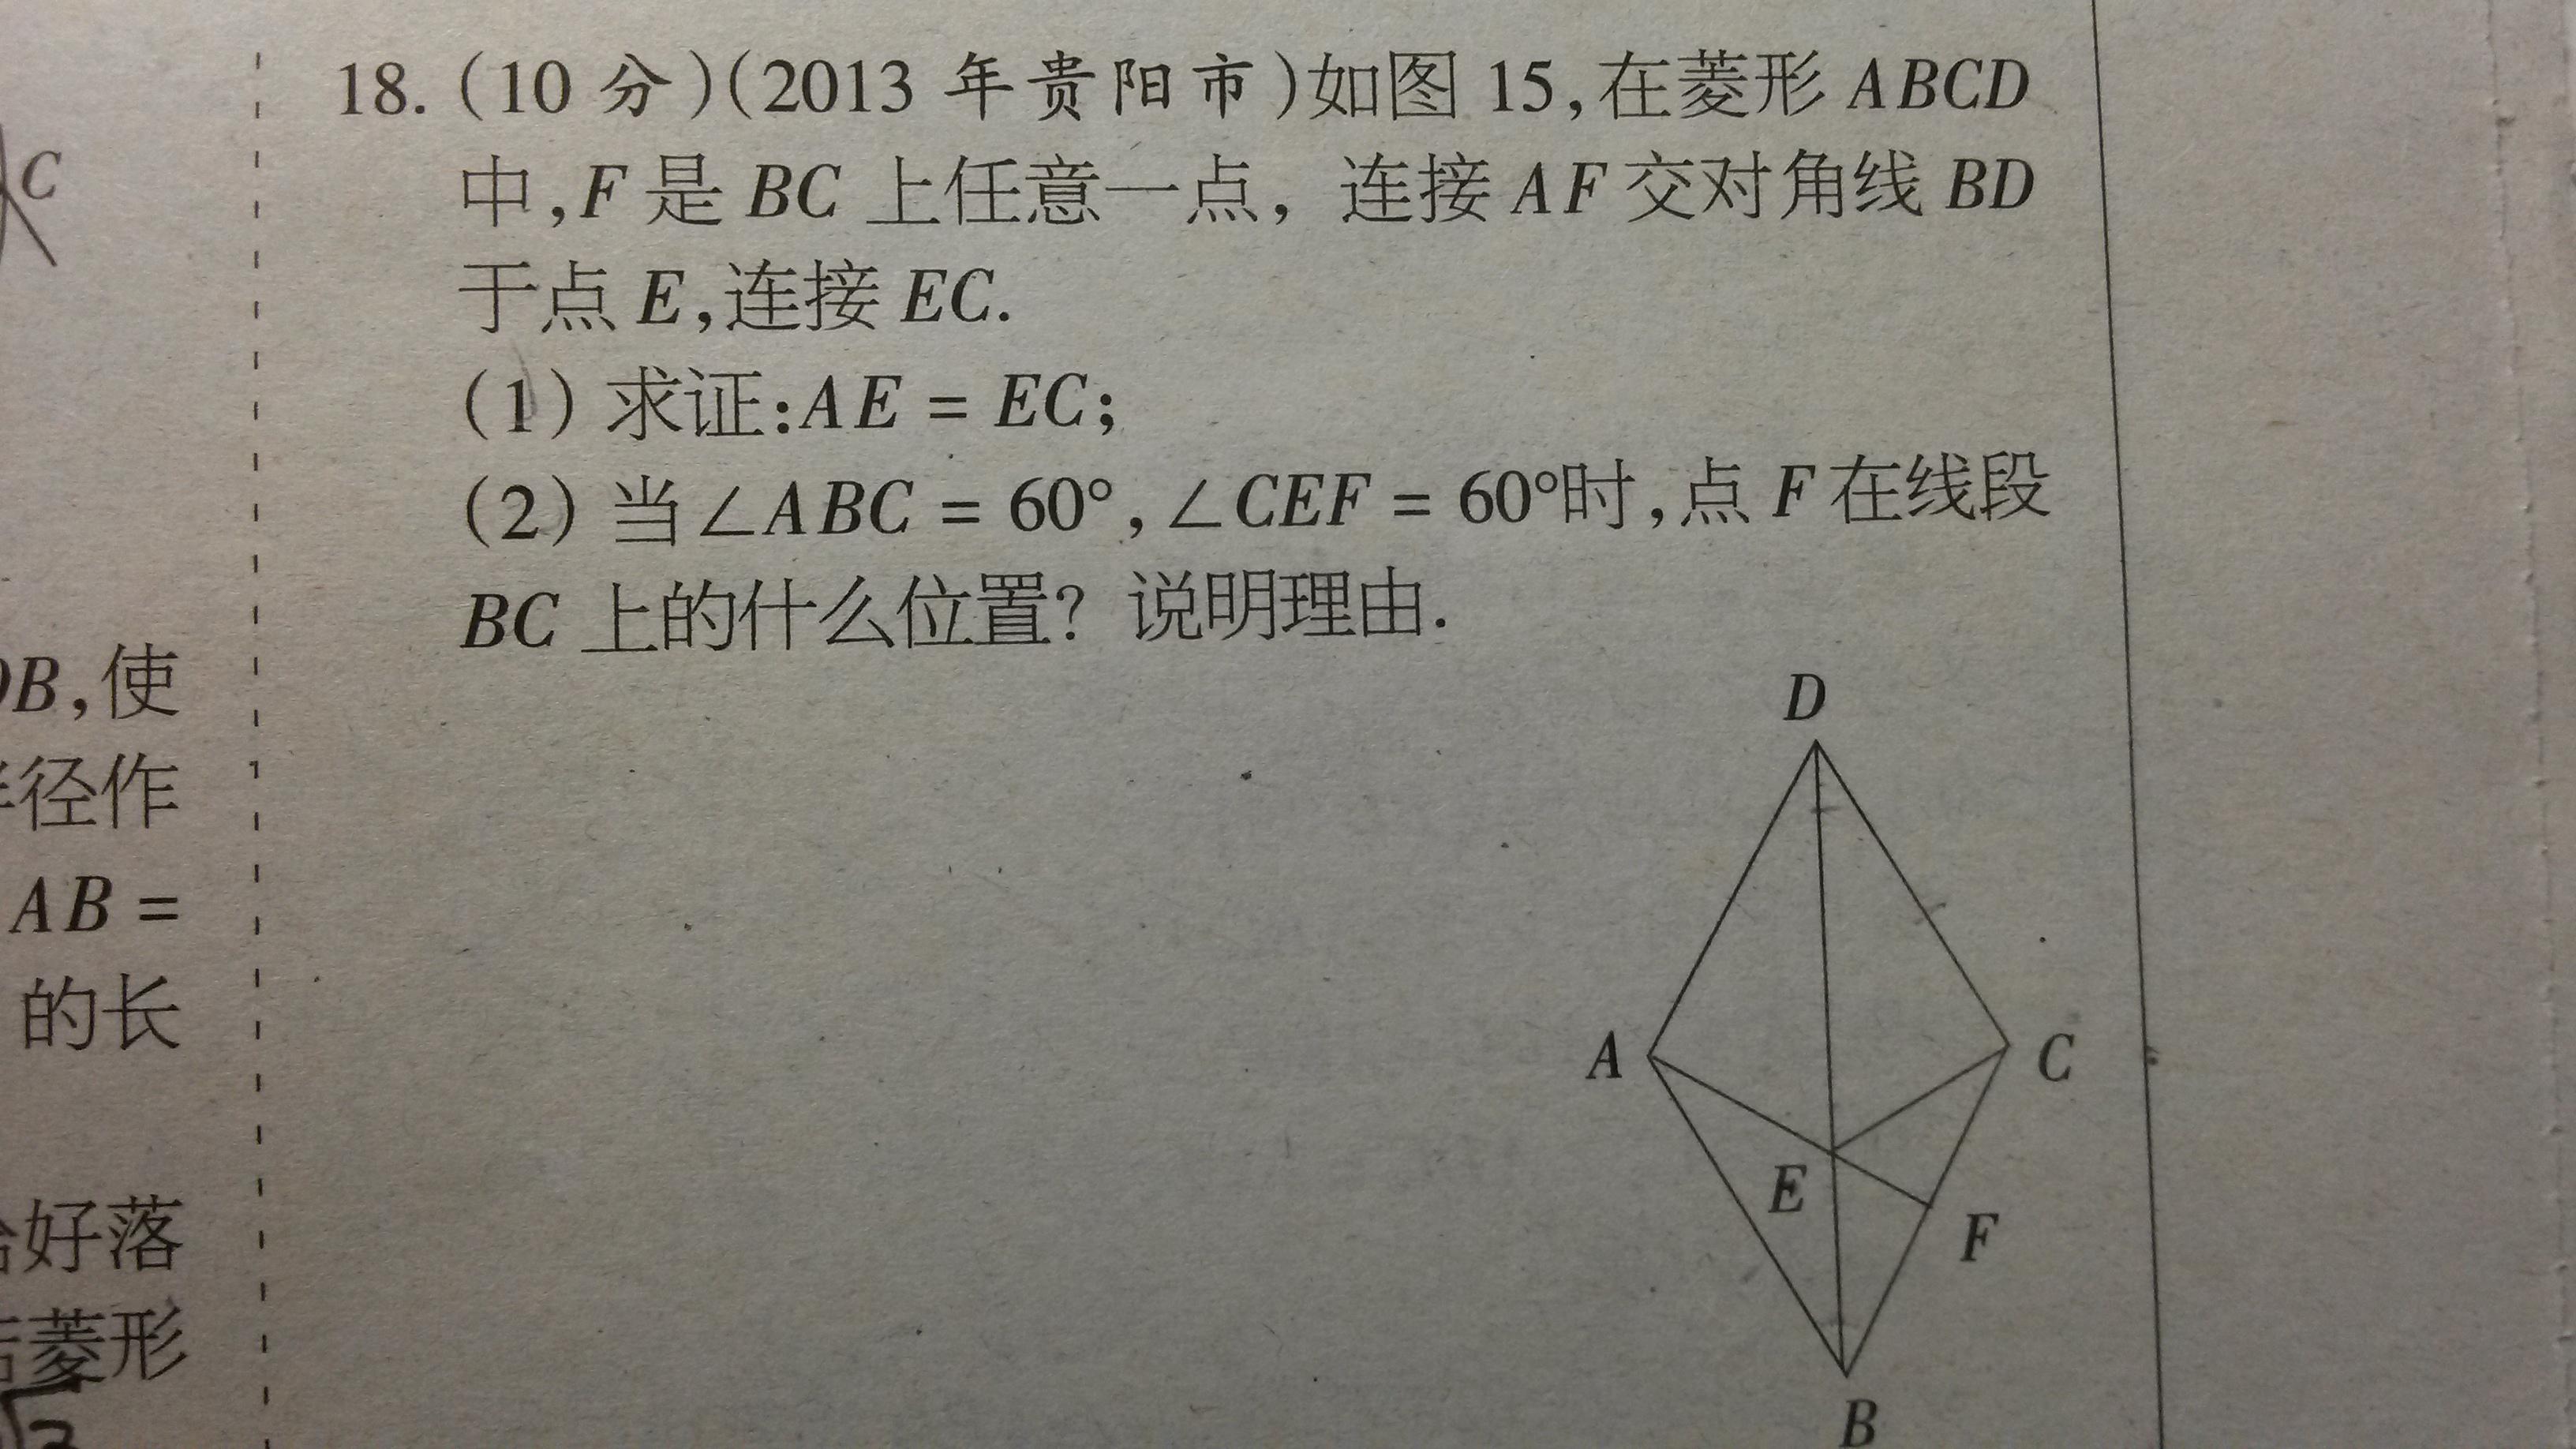 数学 图形变换  修改问题标题还能输入 40字